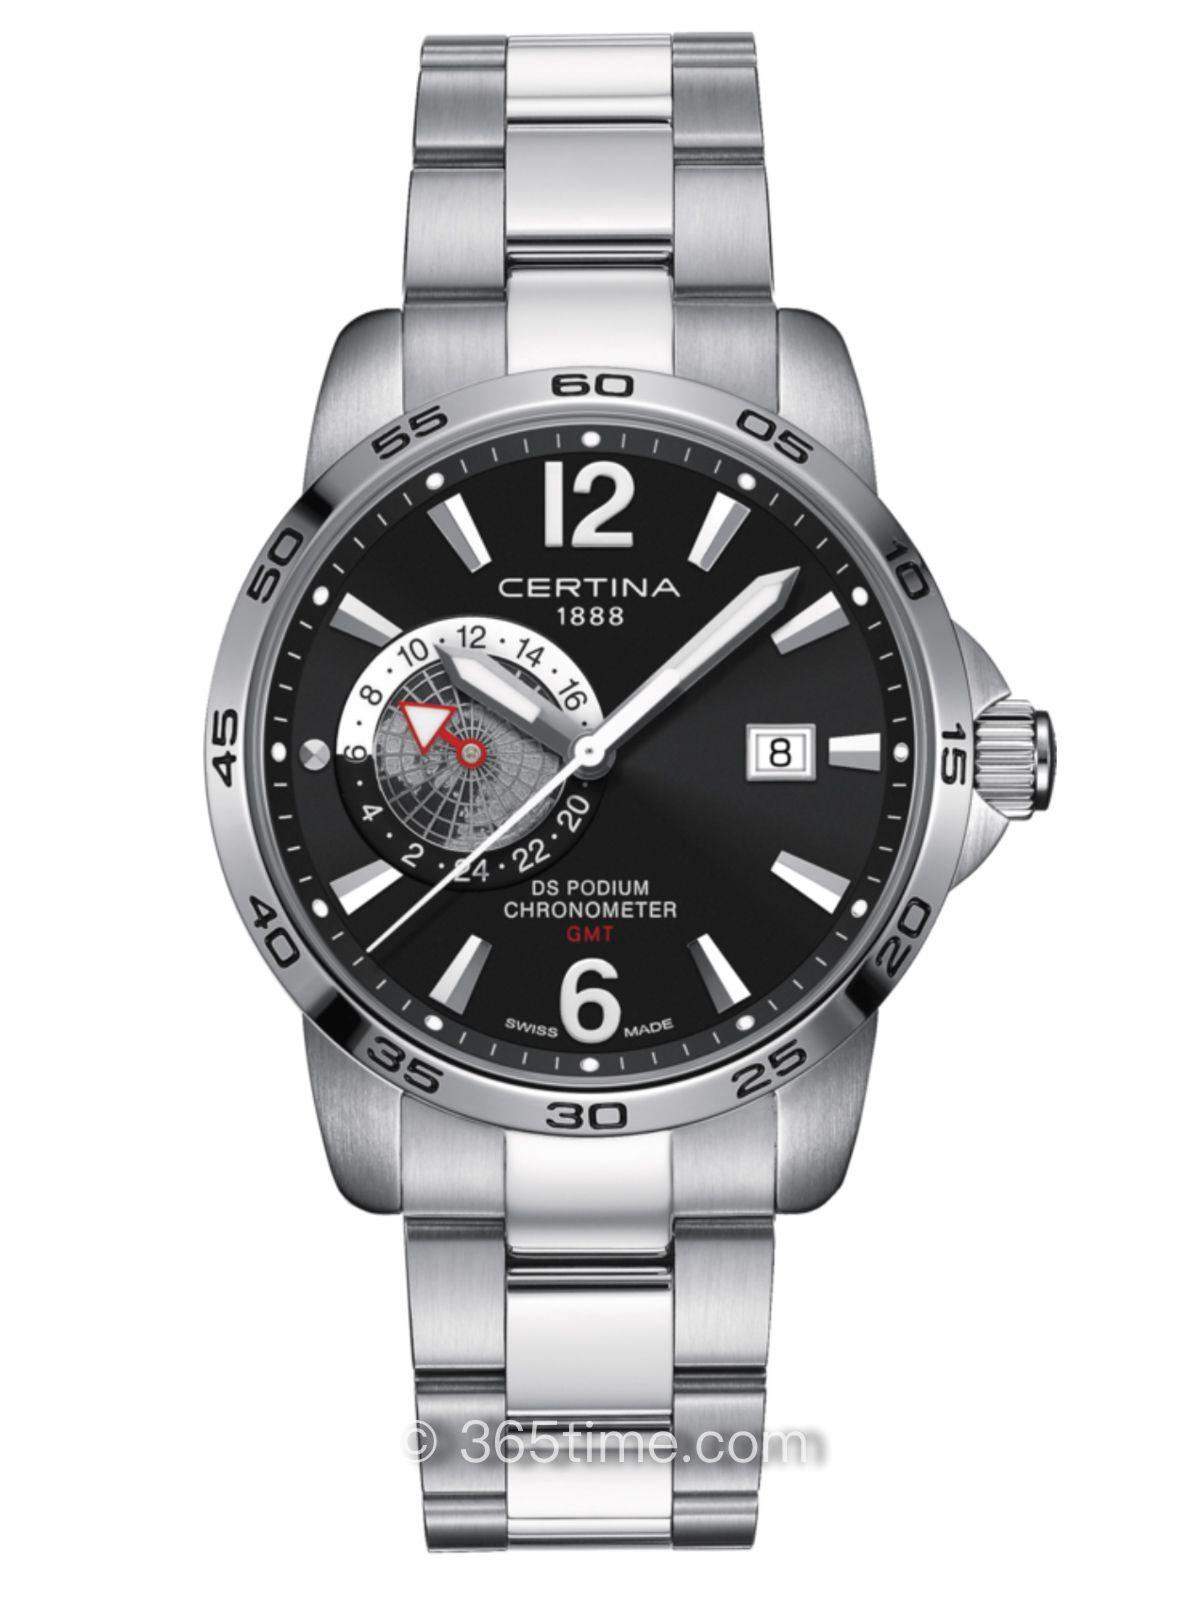 雪铁纳冠军系列GMT两地时腕表C034.455.11.057.00